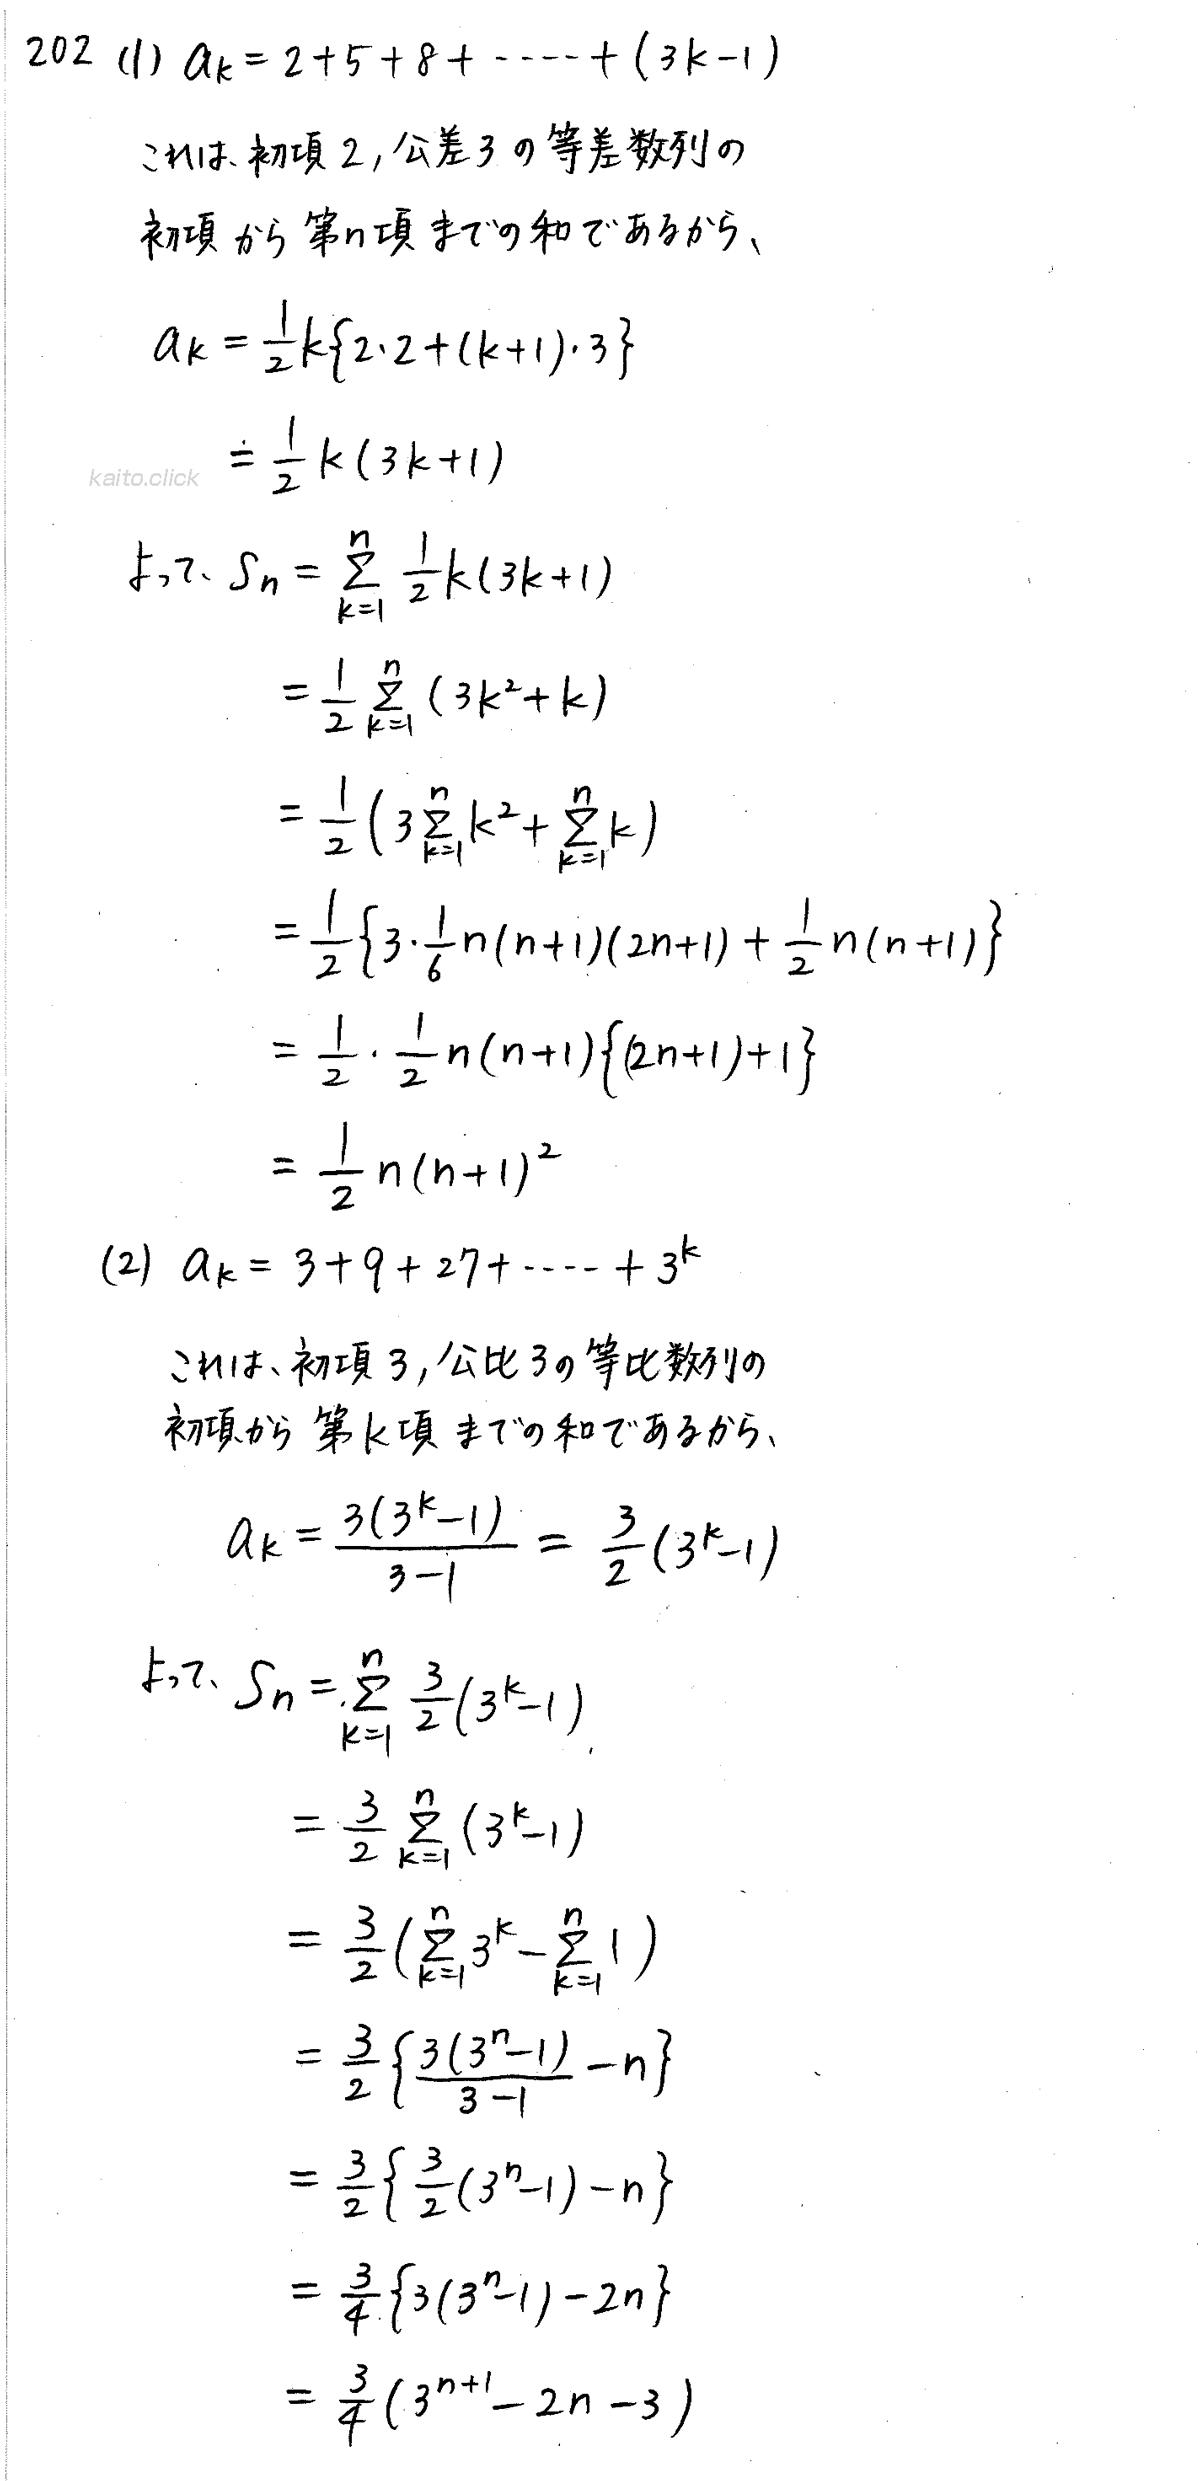 クリアー数学B-202解答